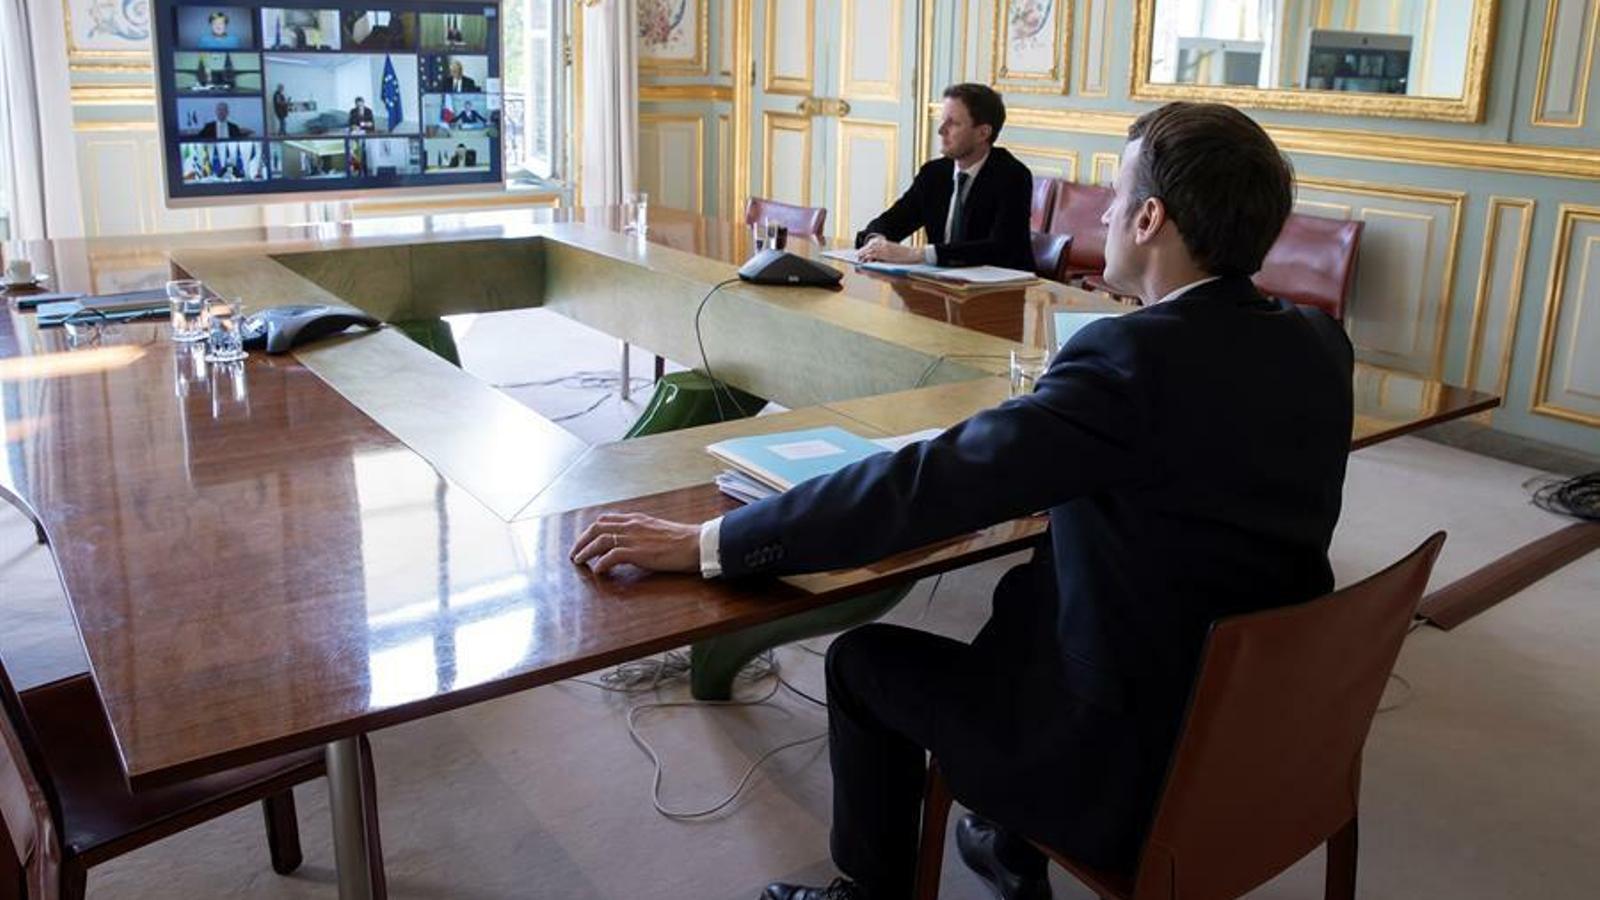 Macron escoltant els líders del Consell d'Europa en una teleconferència des del seu despatx de l'Elisi